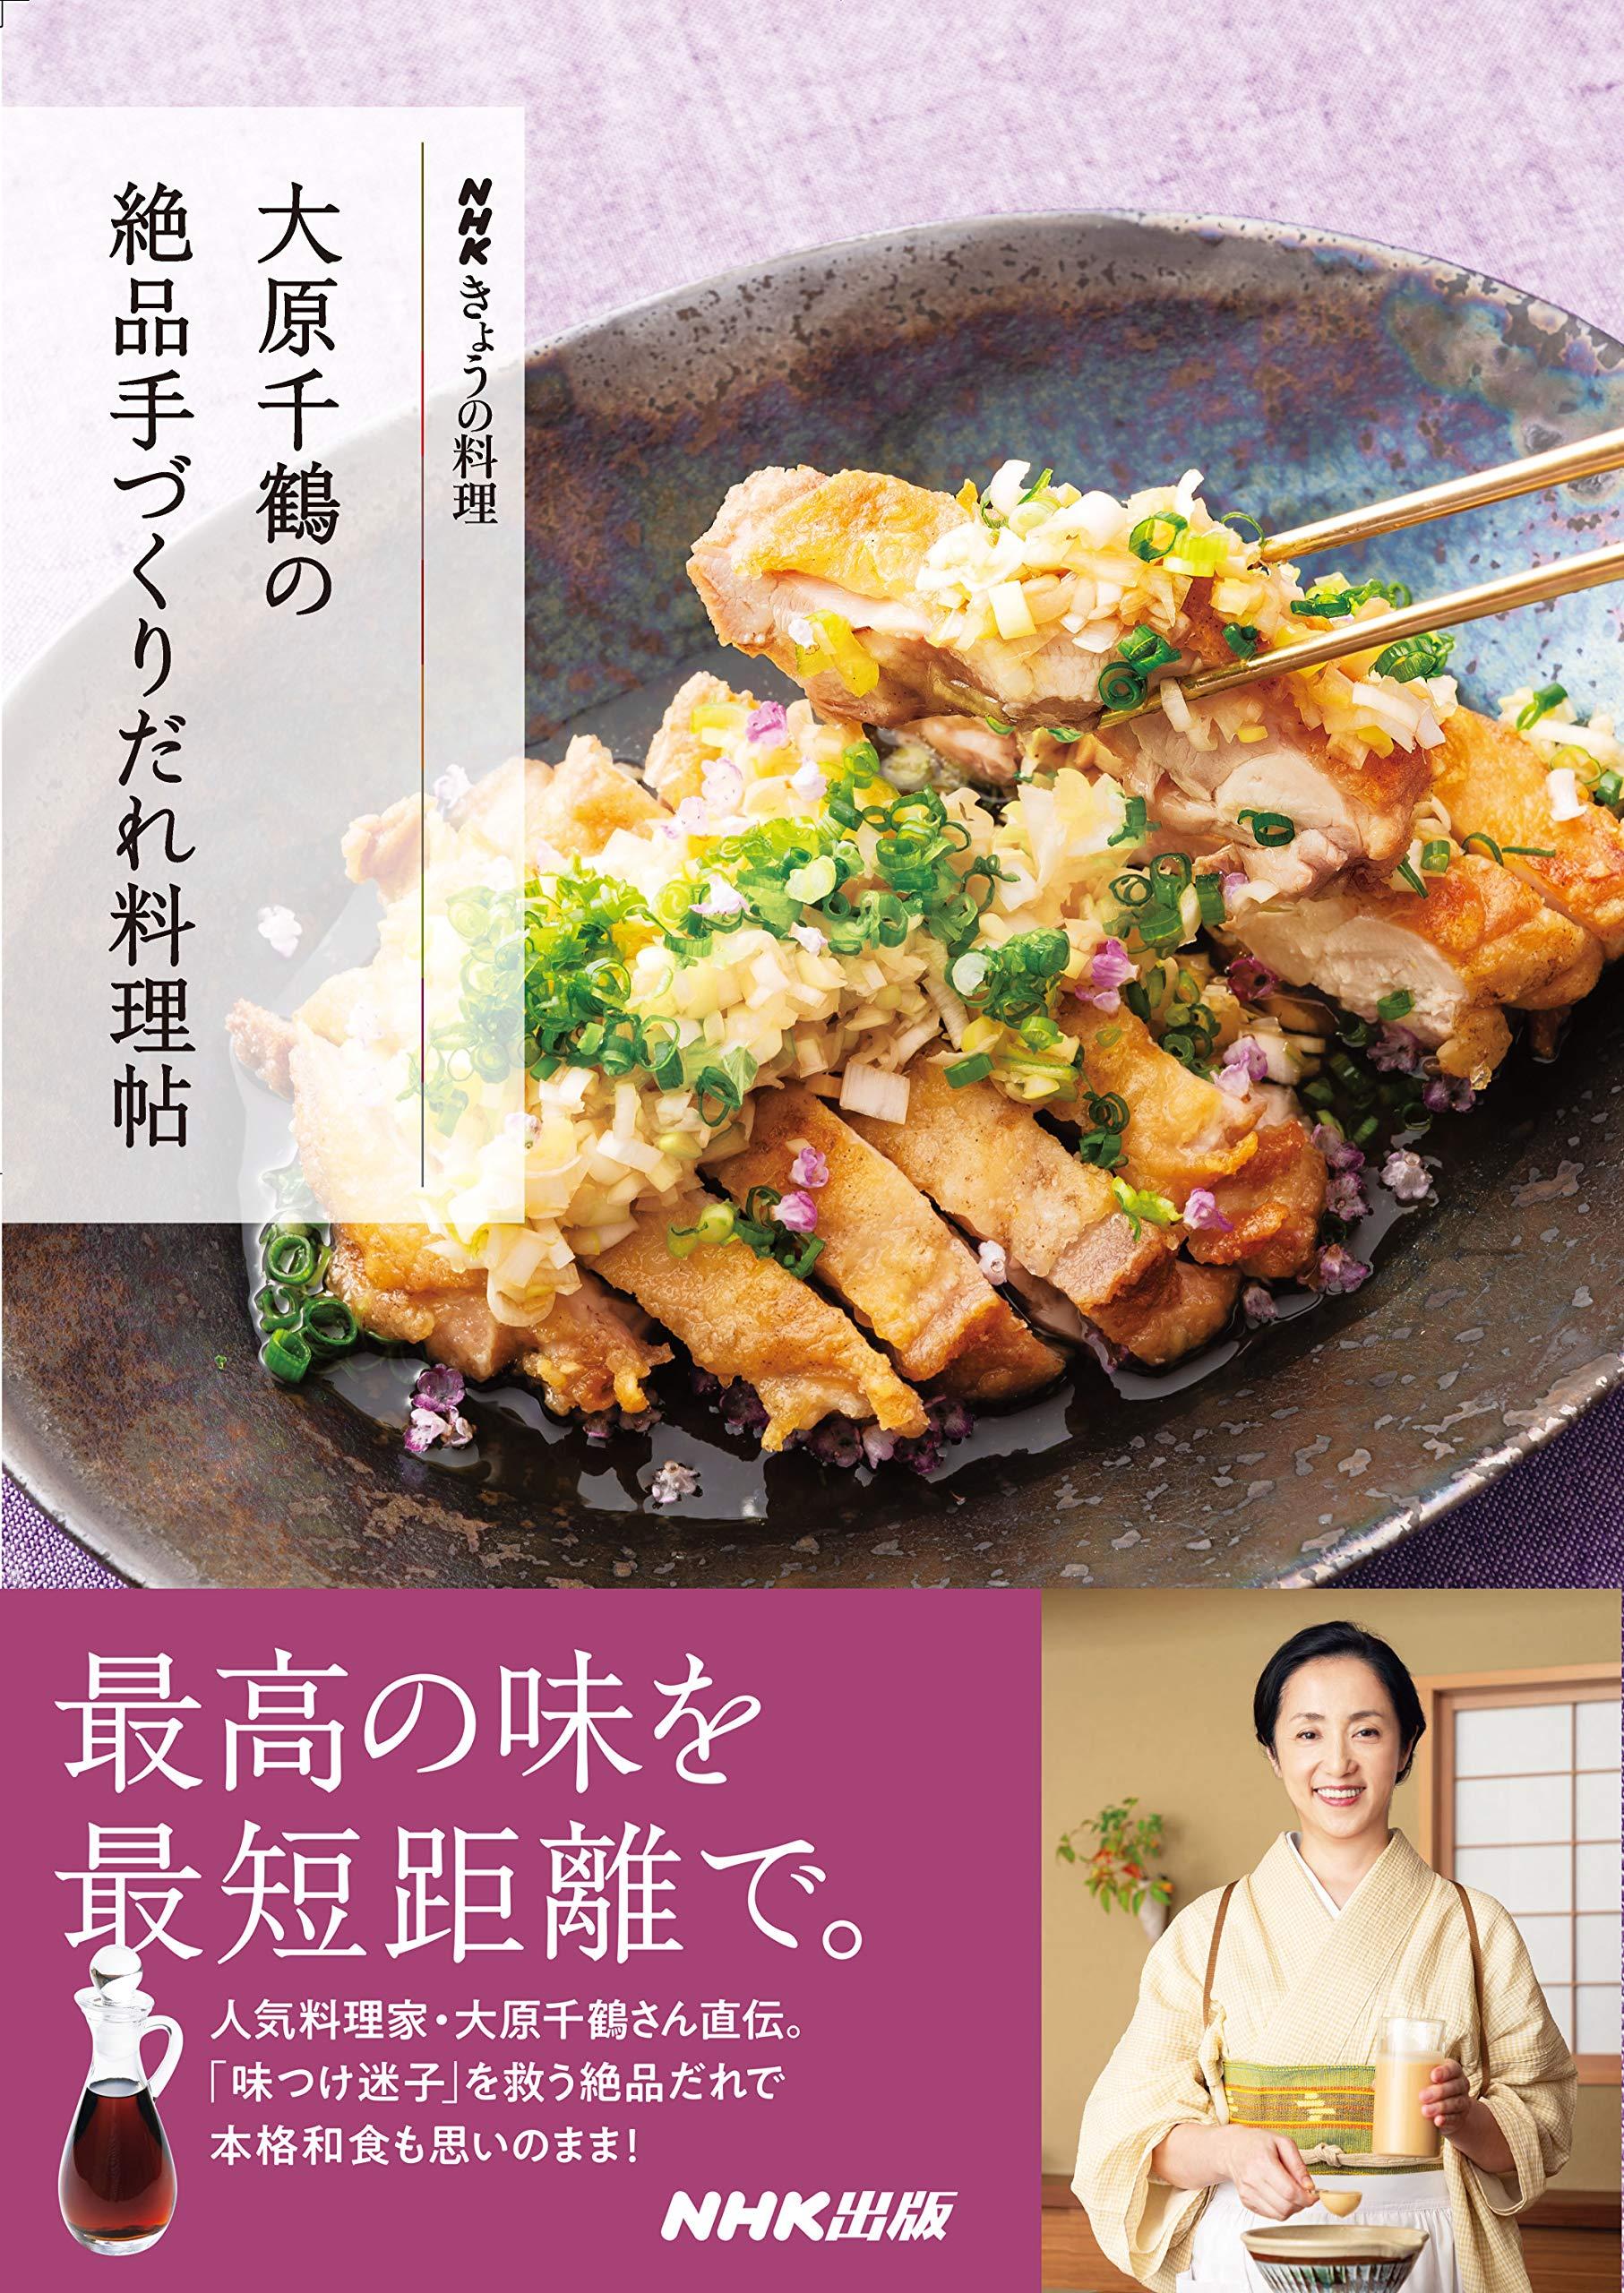 大原 今日 の 千鶴 料理